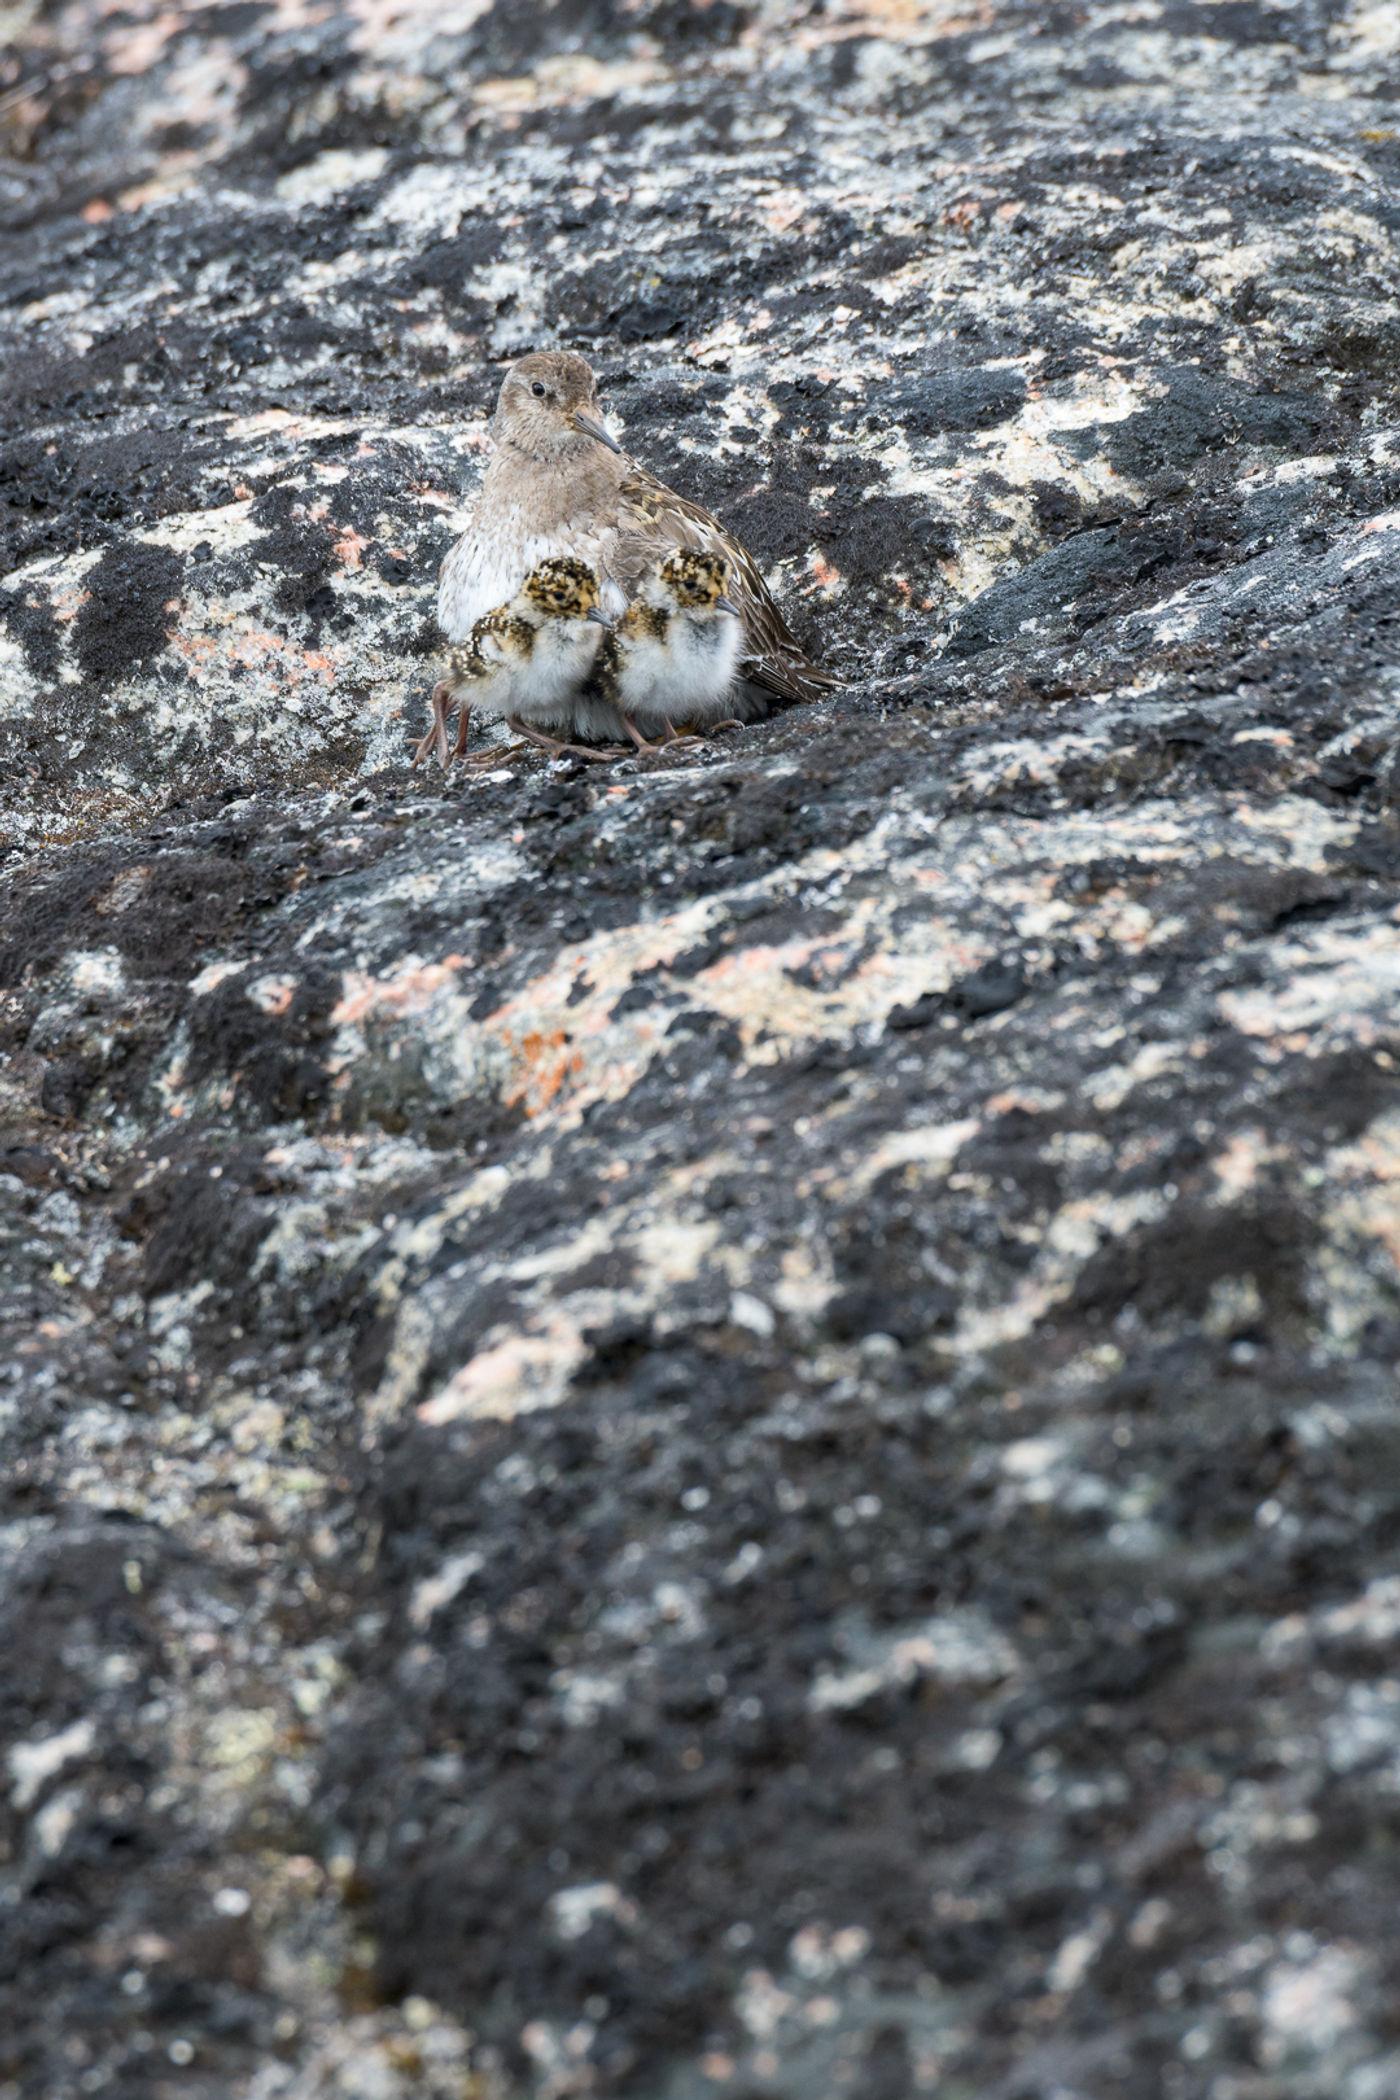 Een paarse strandloper probeert zich te verschuilen samen met de jongen, en maakt daarbij gebruik van zijn uitstekende camouflage. © Bart Heirweg